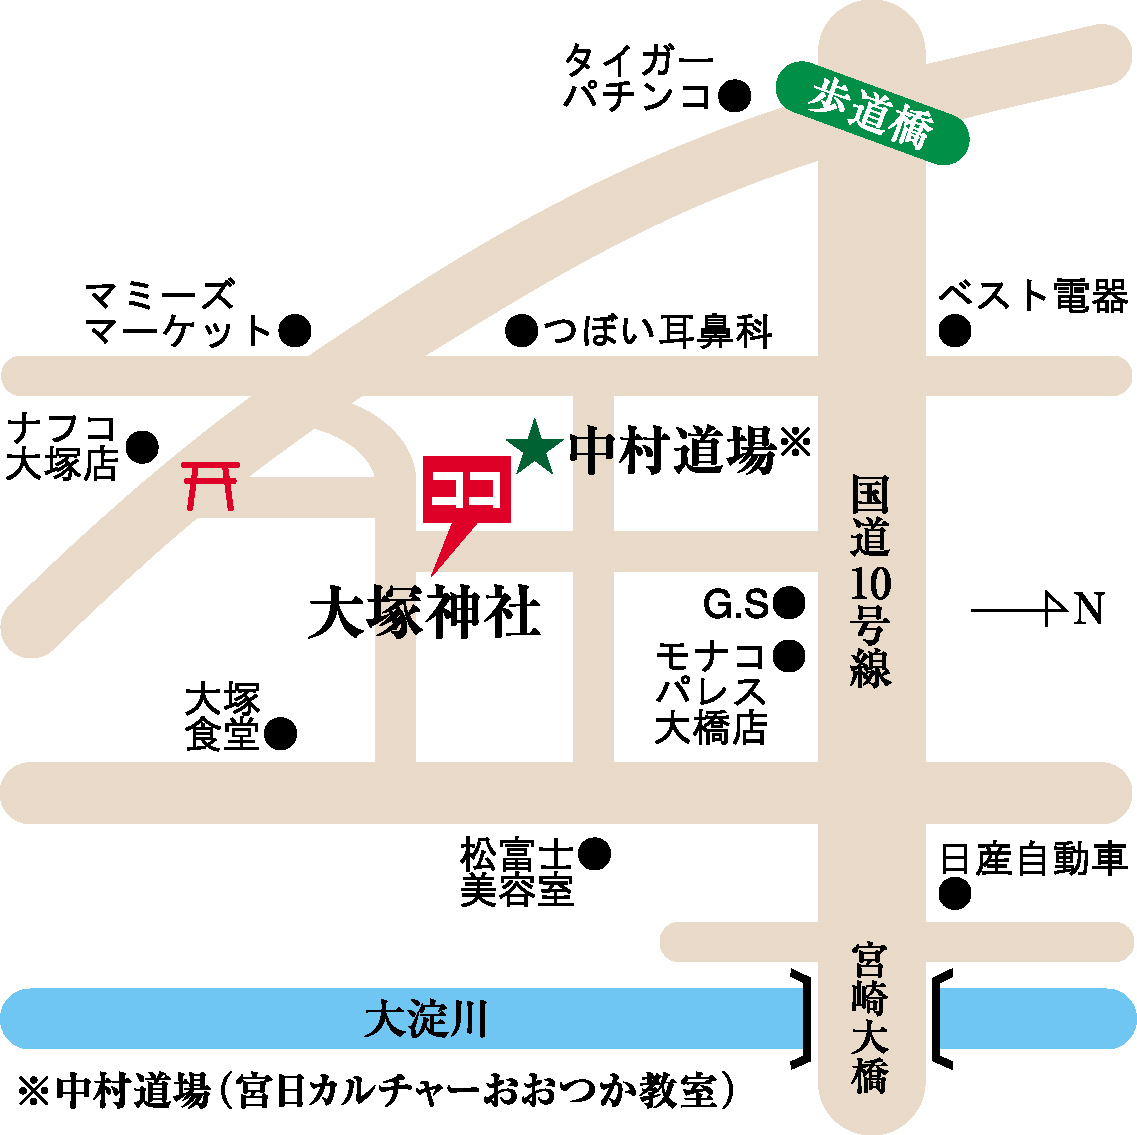 新種 破魔矢&お守り&おみくじ_c0045448_2353815.jpg